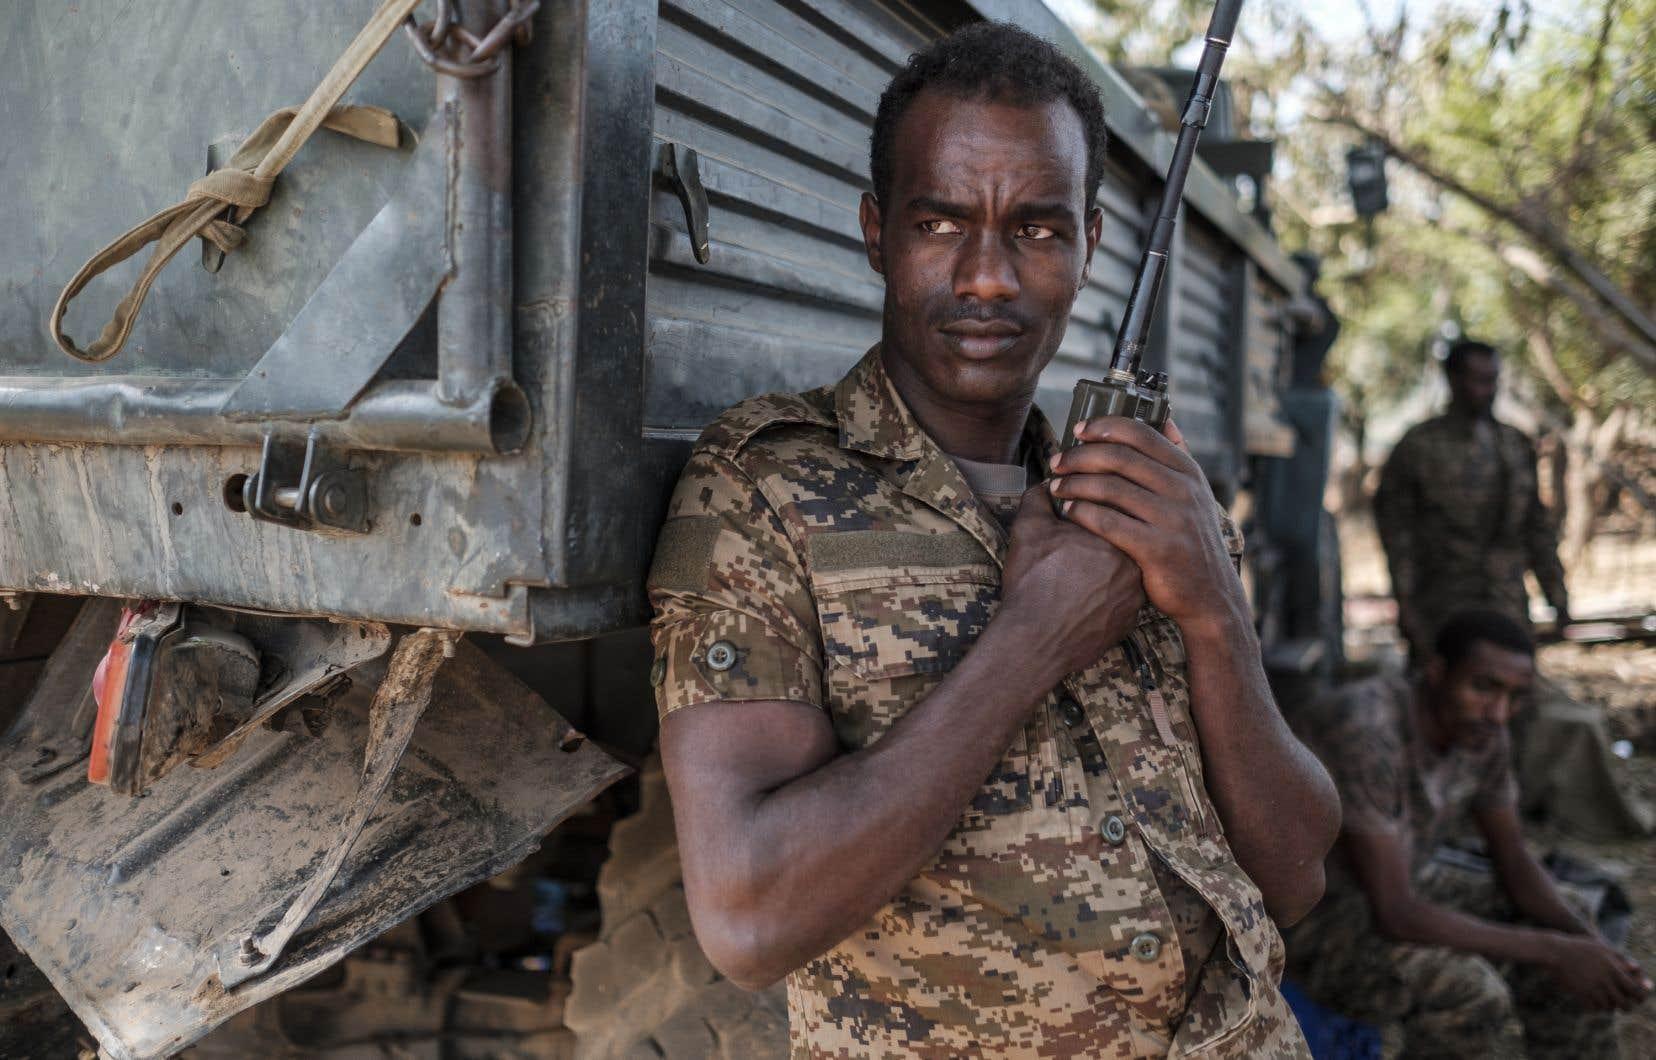 Un soldat de l'armée fédérale éthiopien est photographié debout, un talkie-walkie à la main, au 5e bataillon du commandement nord à Dansha, en Éthiopie.